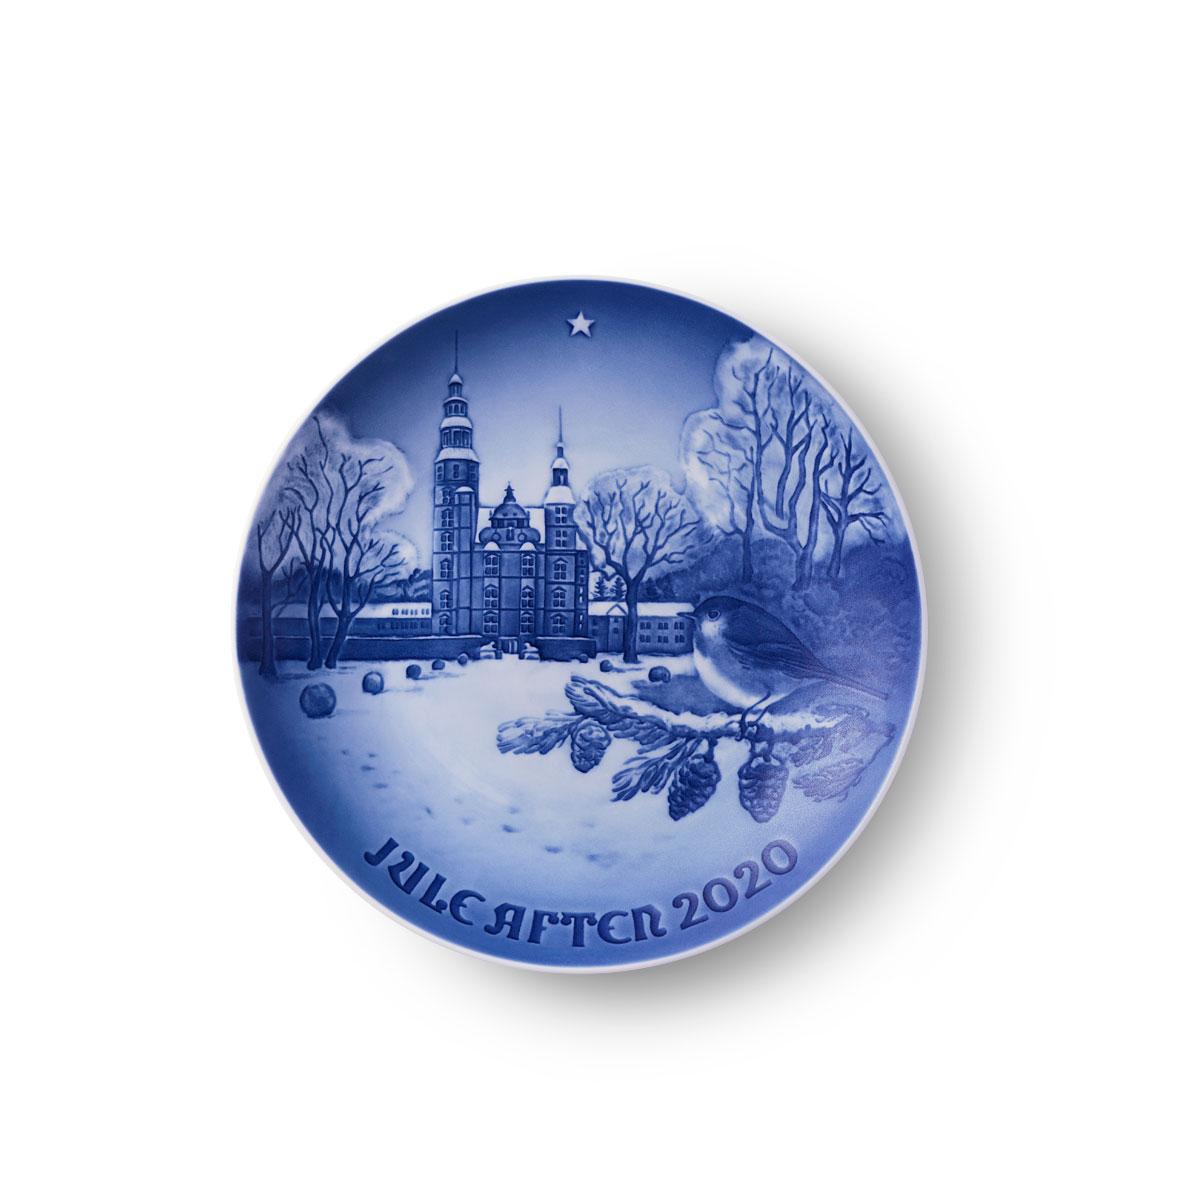 Bing and Grondahl 2020 Christmas Plate